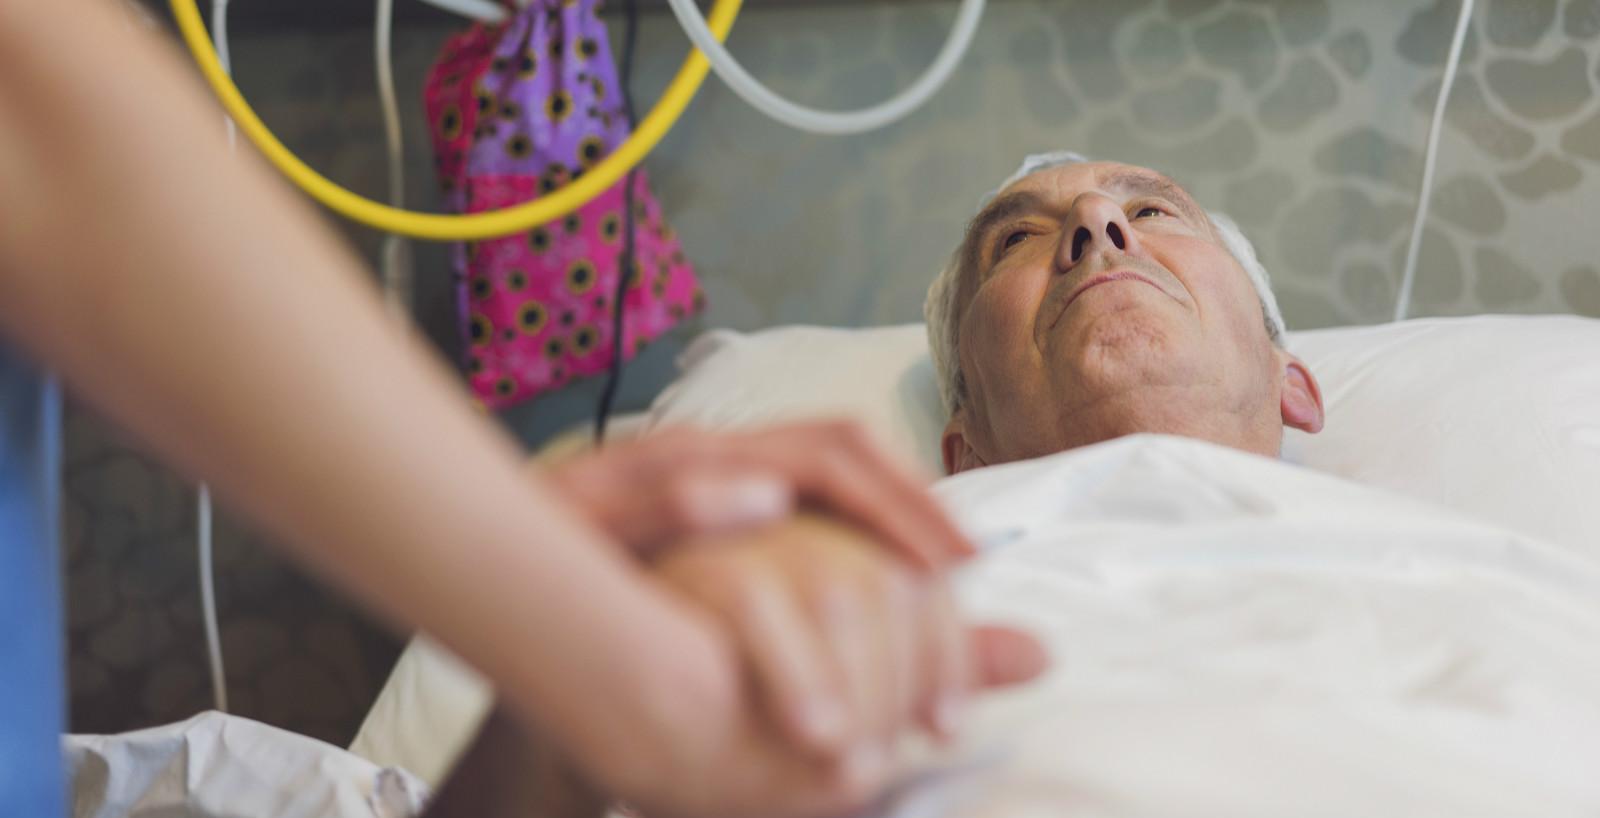 赛博士谈养老 | 每年有4000万老人摔跤!这些细节可能带来致命风险